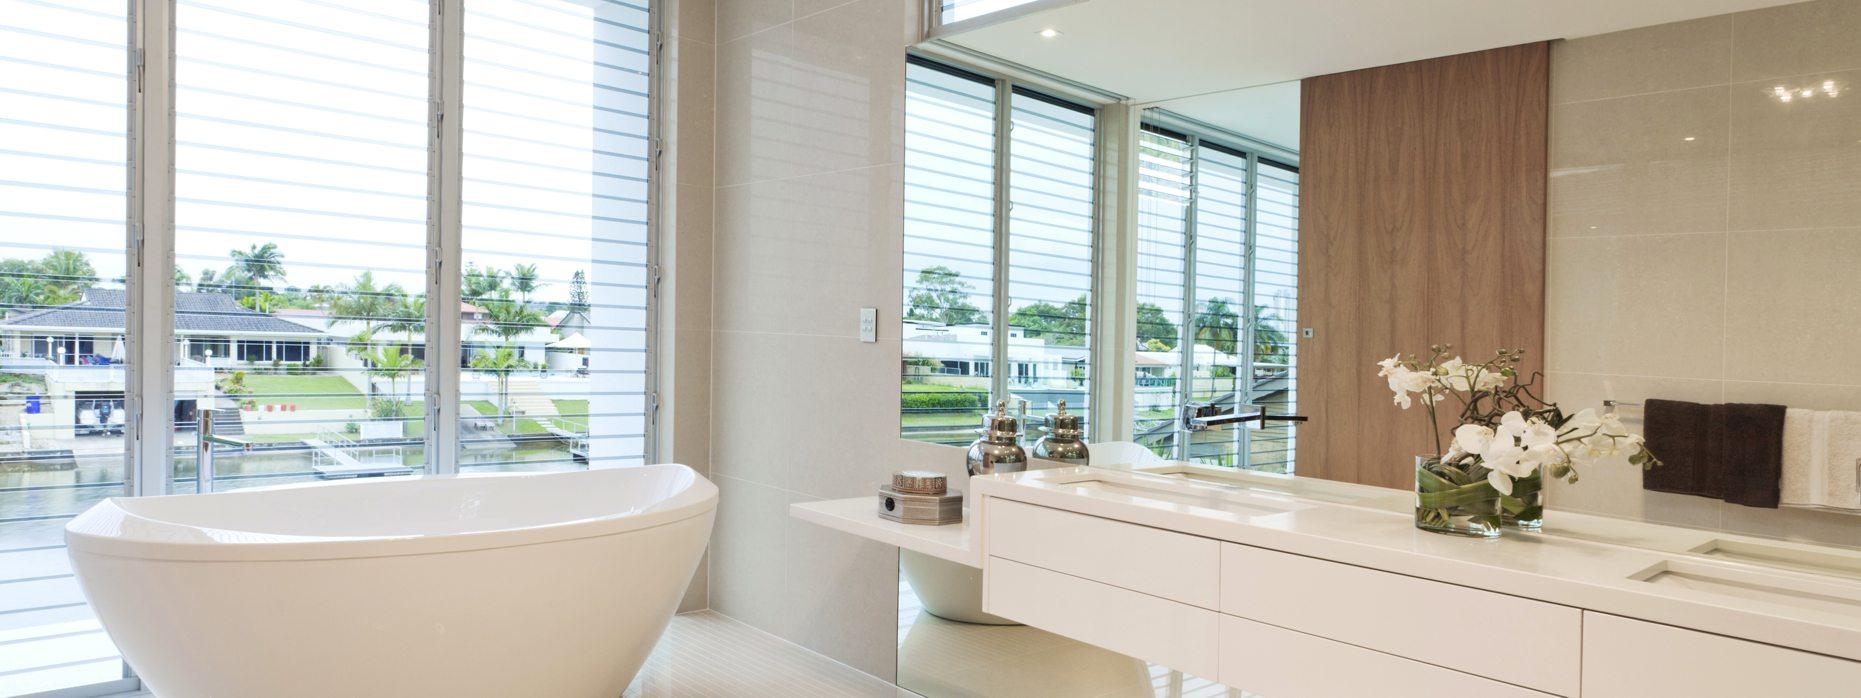 Bathroom - Mirrored Splashbacks